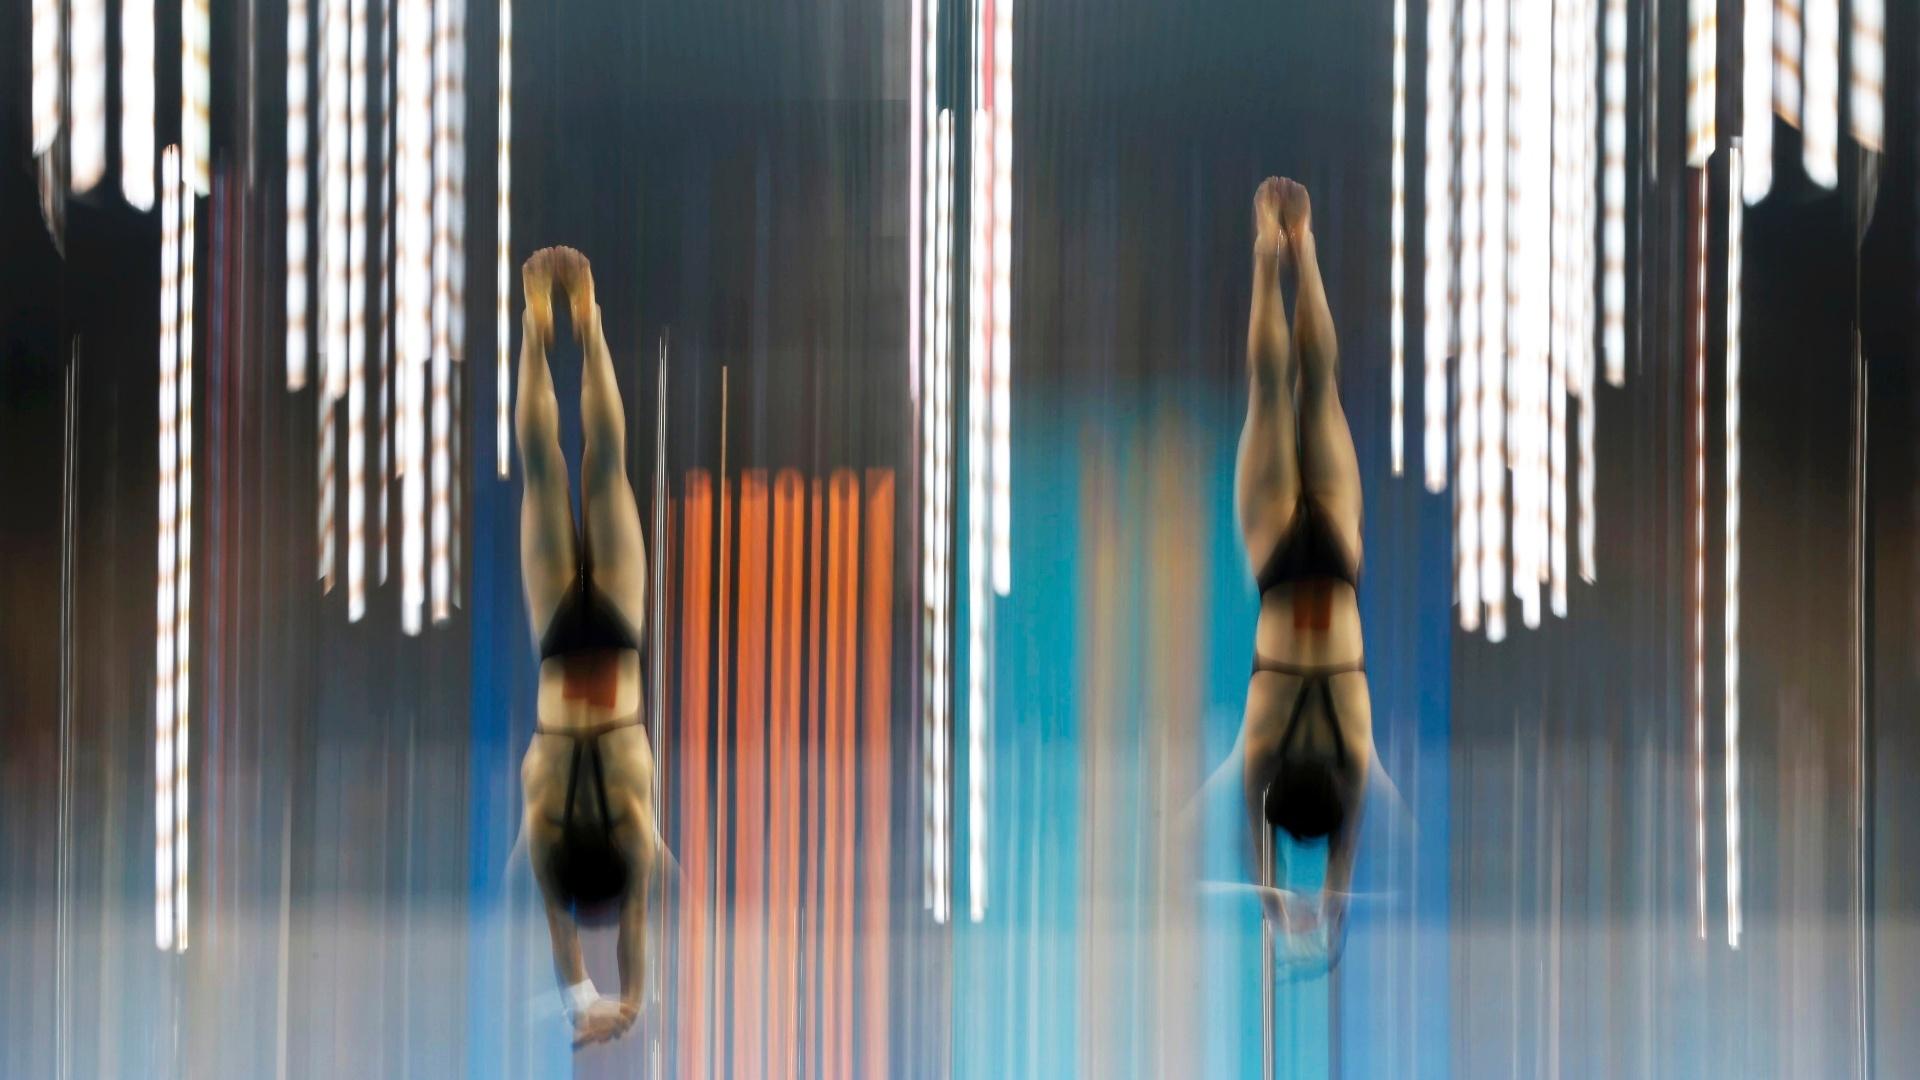 Saltadores treinam no centro aquático de Londres-2012